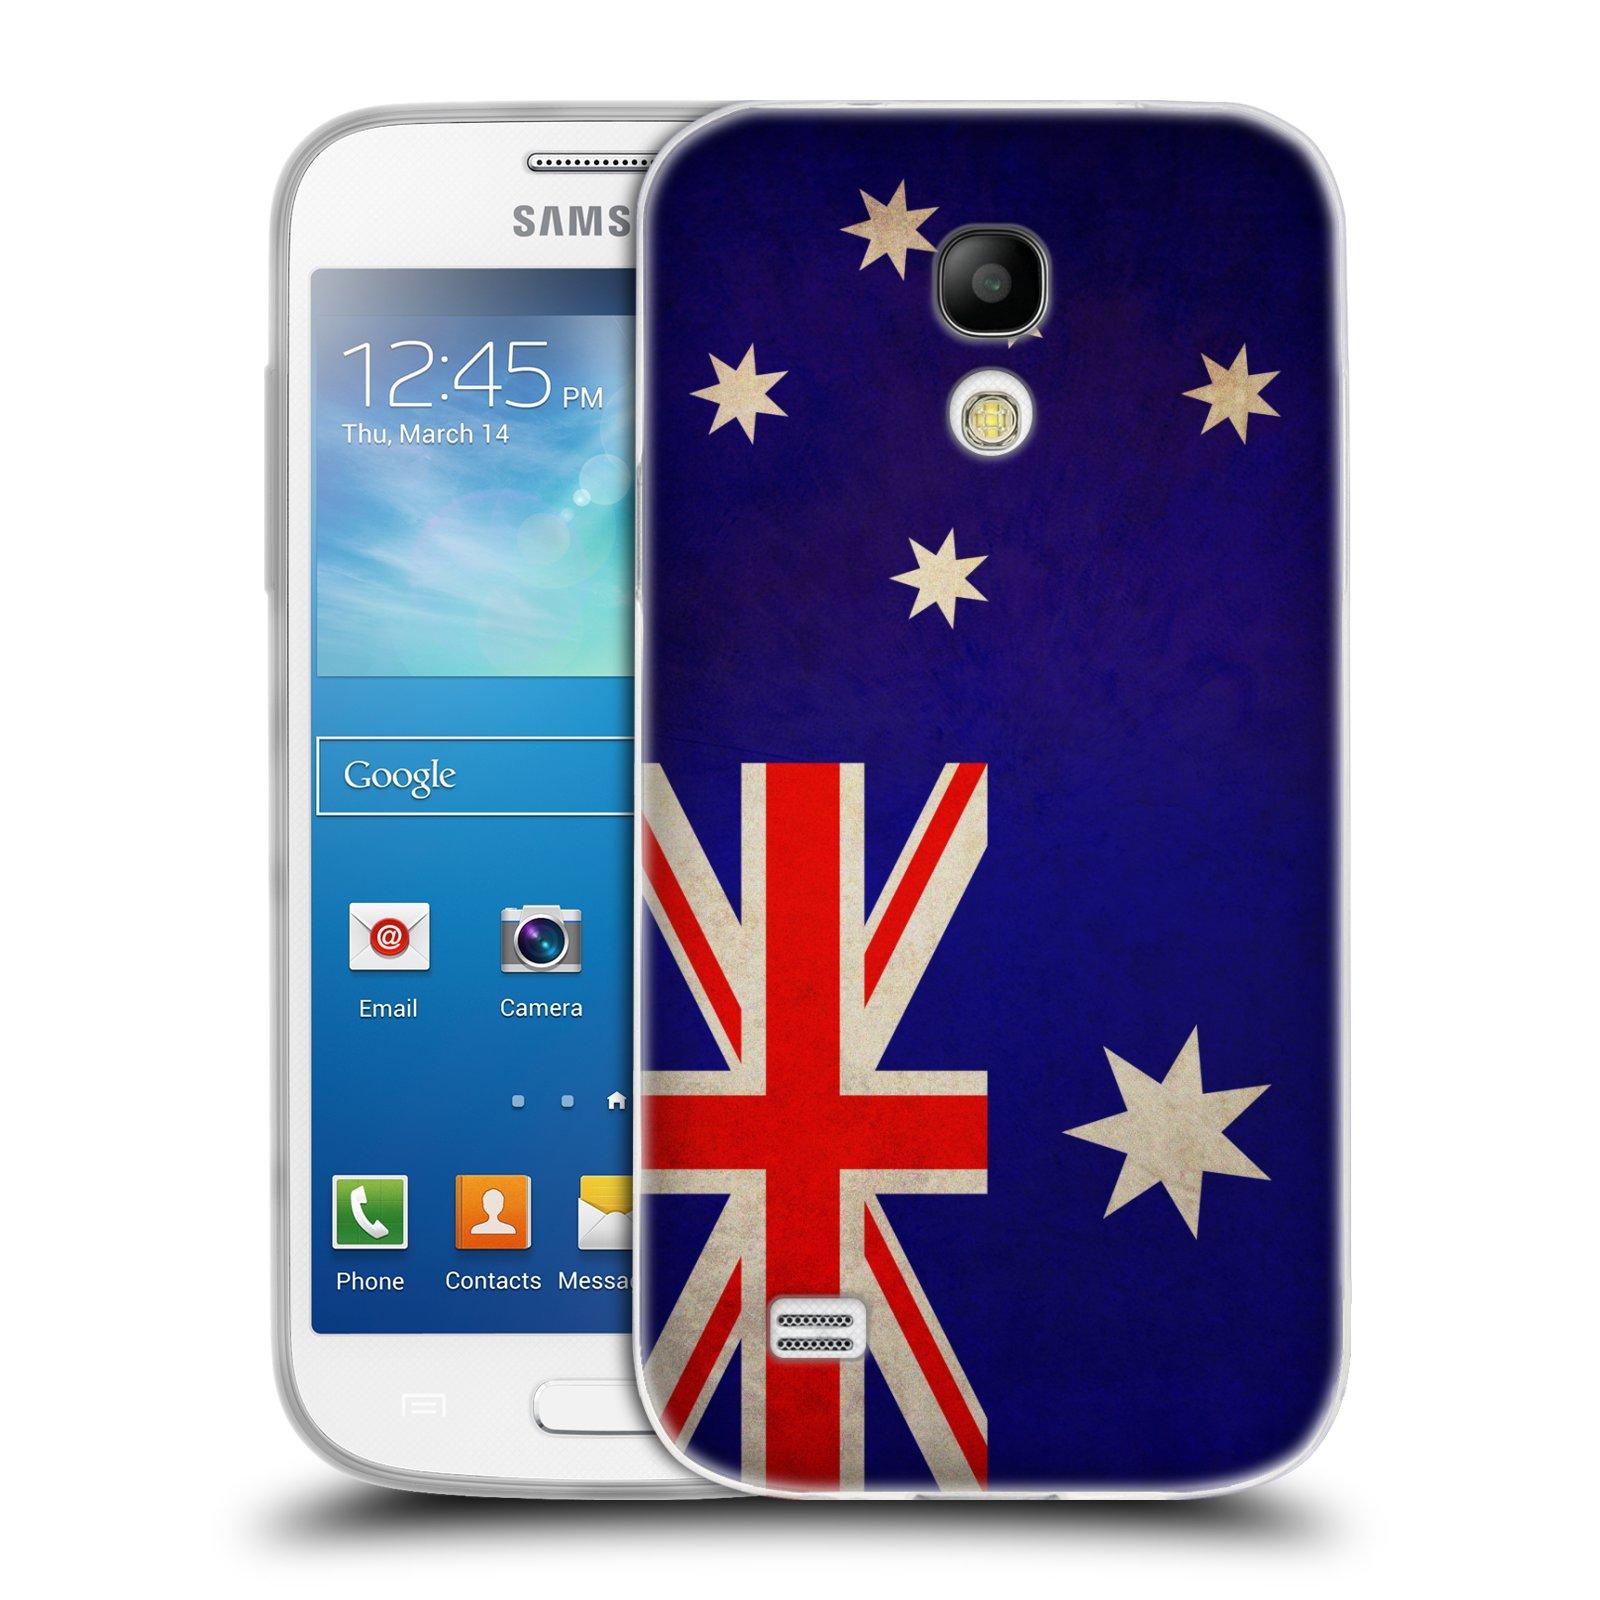 Silikonové pouzdro na mobil Samsung Galaxy S4 Mini HEAD CASE VLAJKA AUSTRÁLIE (Silikonový kryt či obal na mobilní telefon Samsung Galaxy S4 Mini GT-i9195 / i9190)